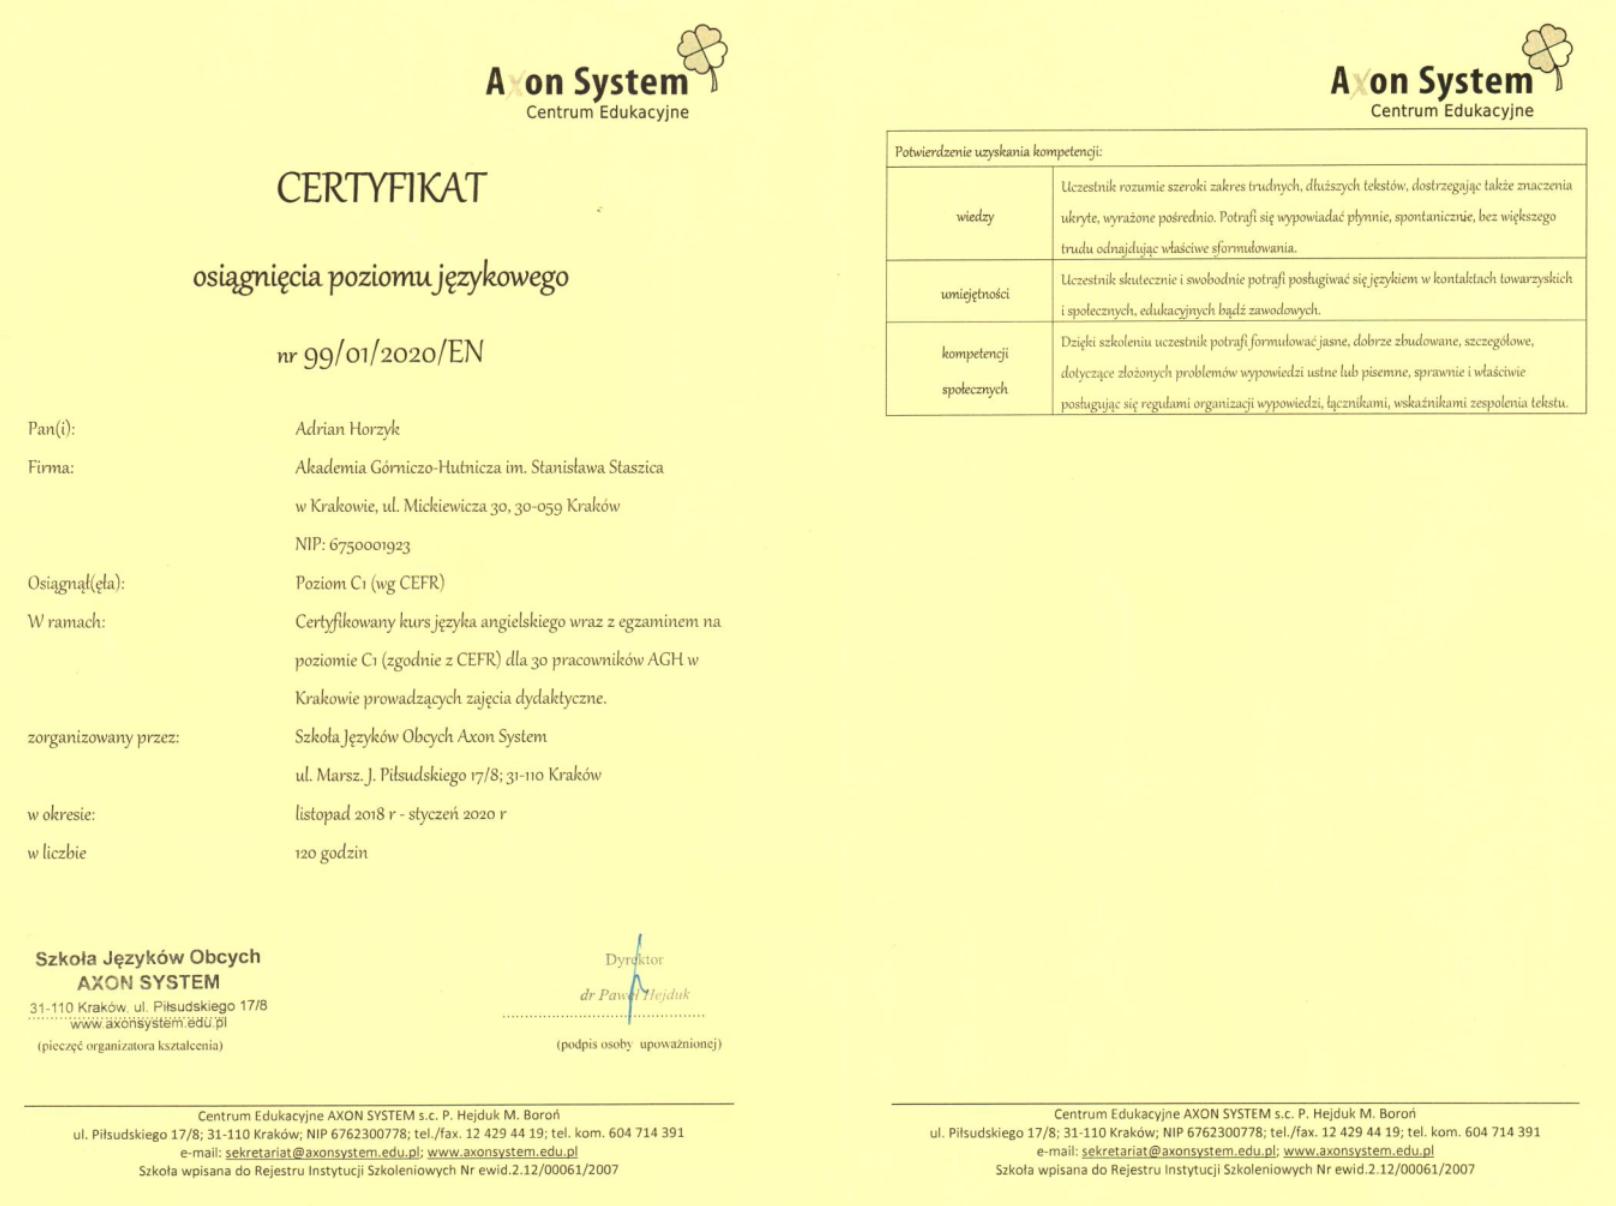 2020-01-adrianhorzyk-axon-angielski-poziomc1-certyfikat (800 kB)